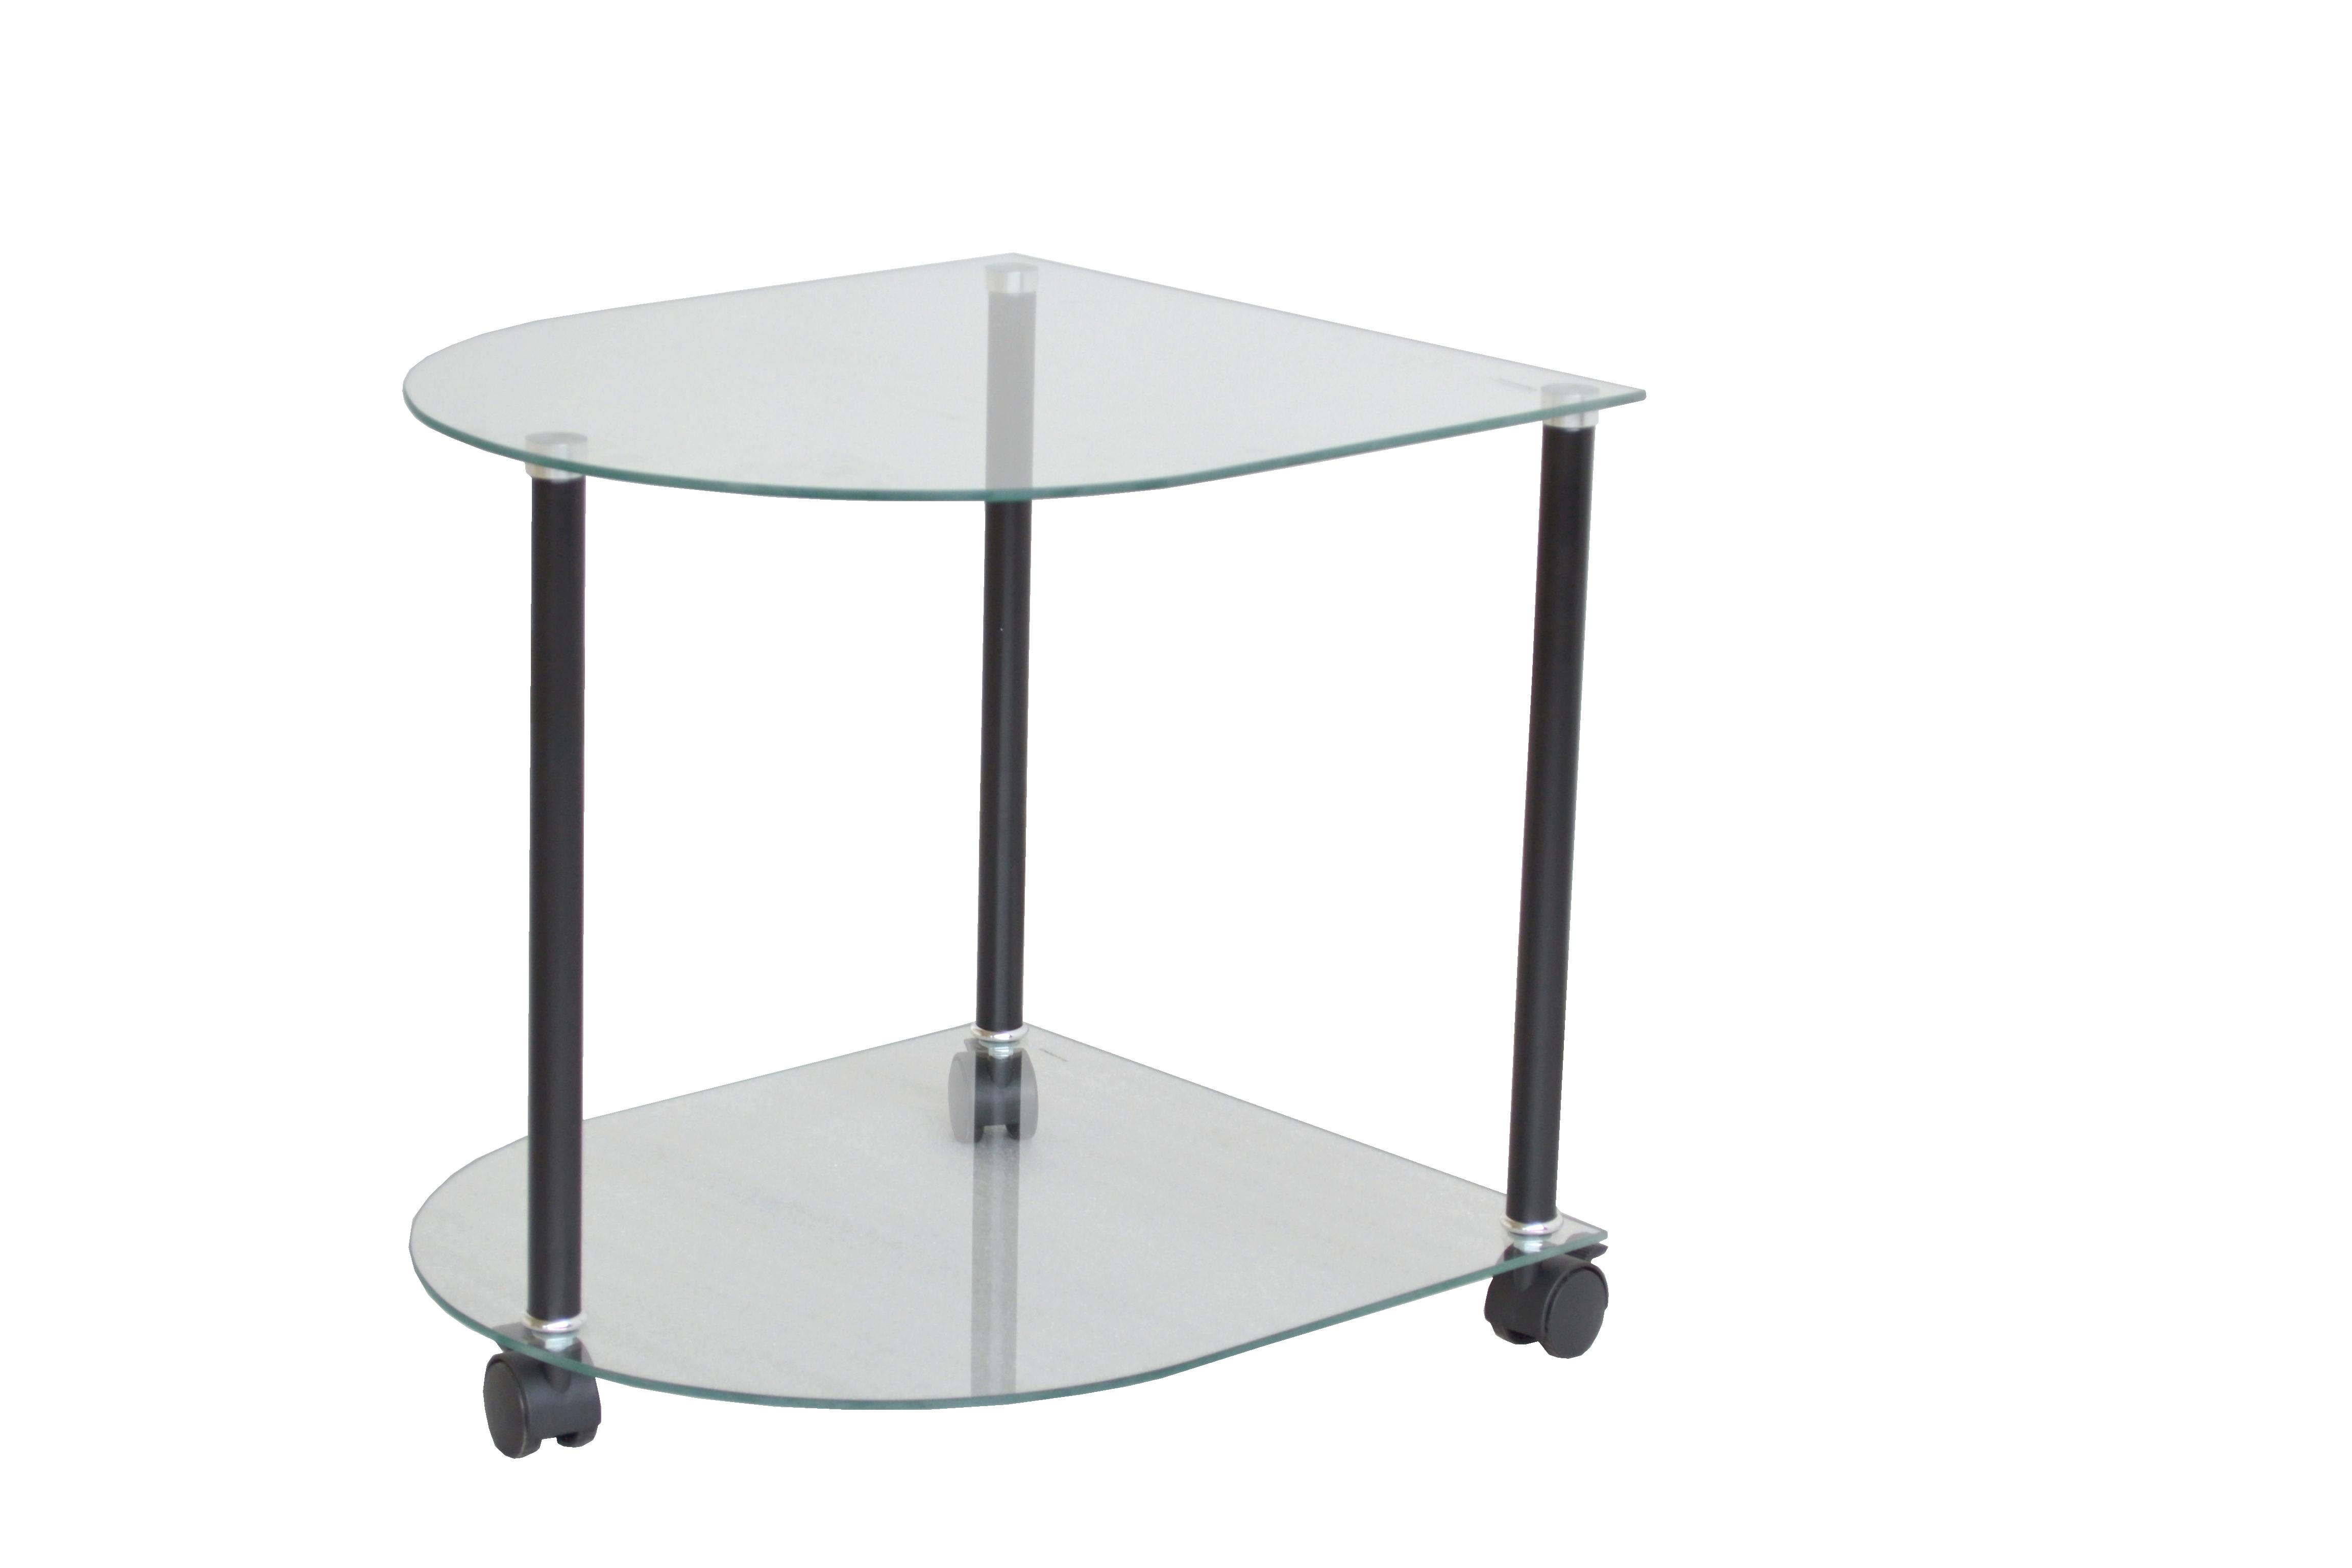 2974 beistelltisch mit rollen glas ziertisch ablage glas rollbar tisch ebay